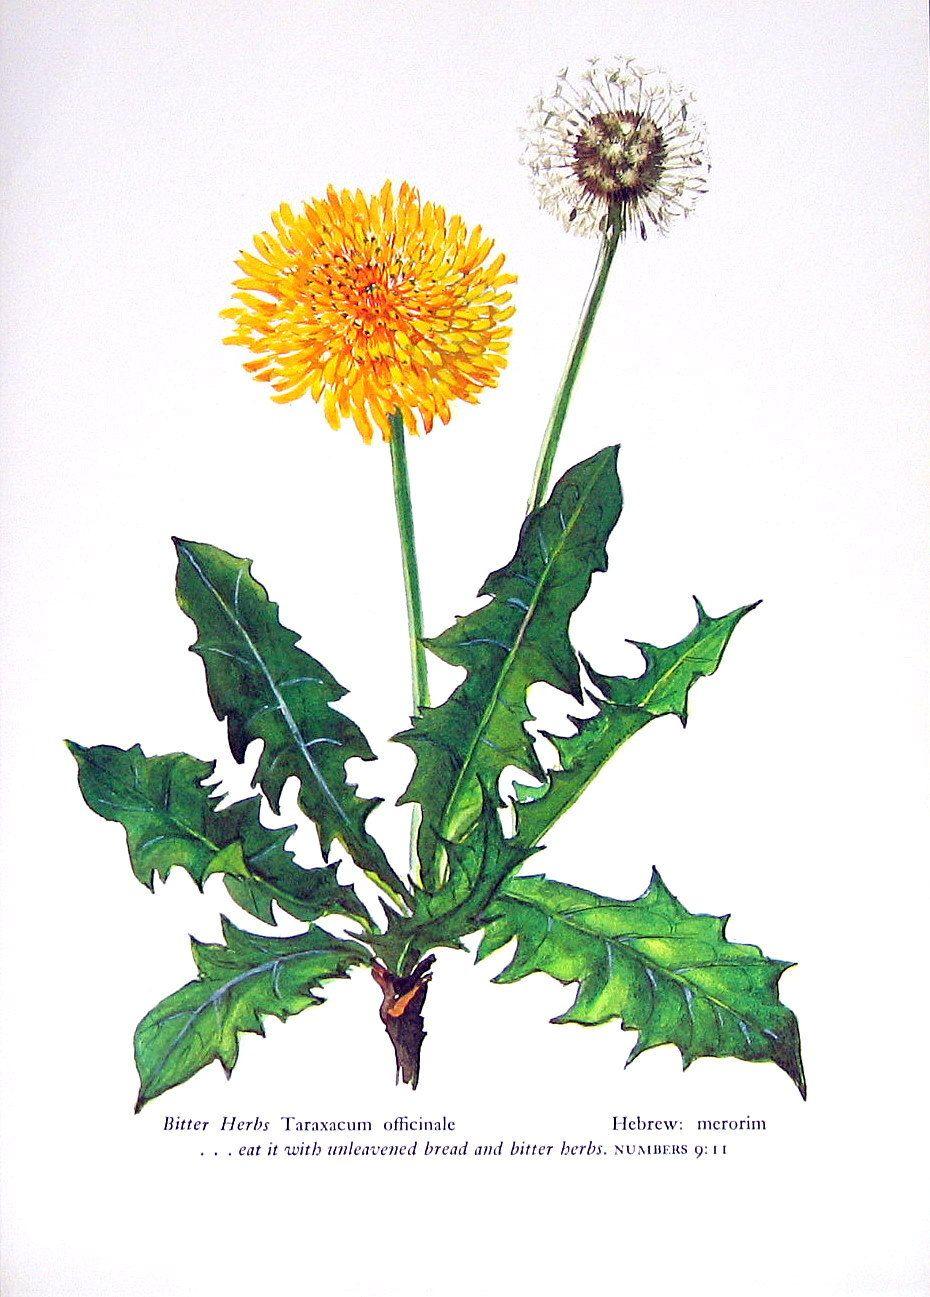 Dandelion image - Google Images